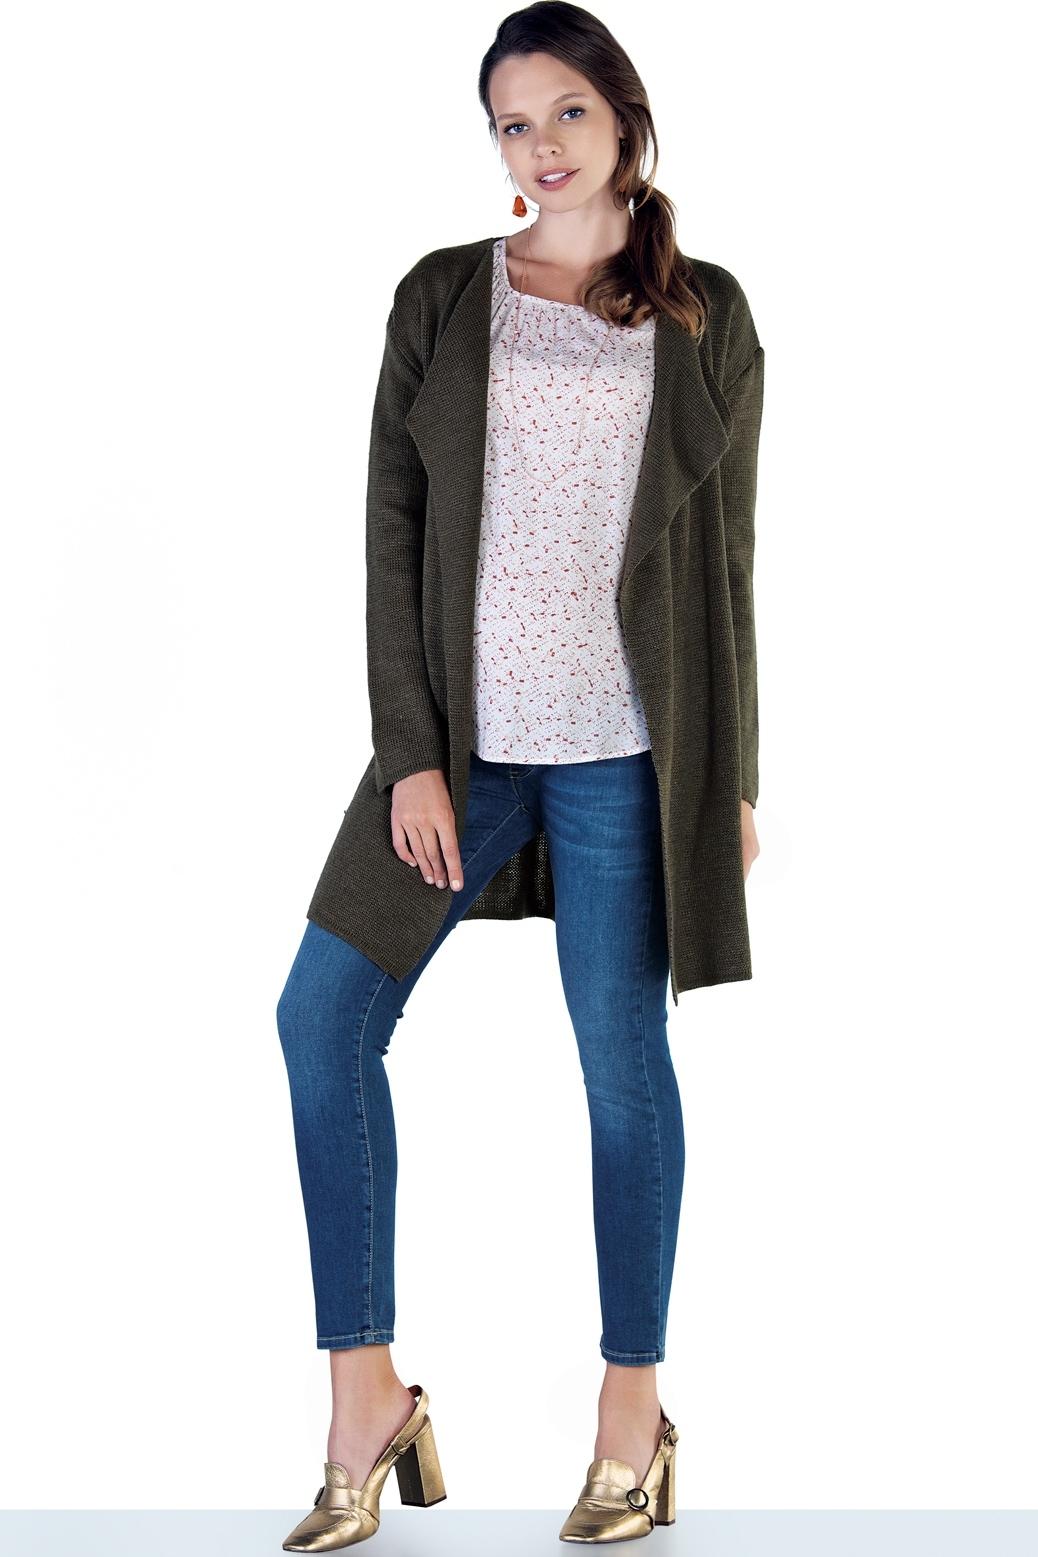 Фото джинсы-skinny для беременных EBRU, укороченные, с эластичной вставкой от магазина СкороМама, синий, размеры.